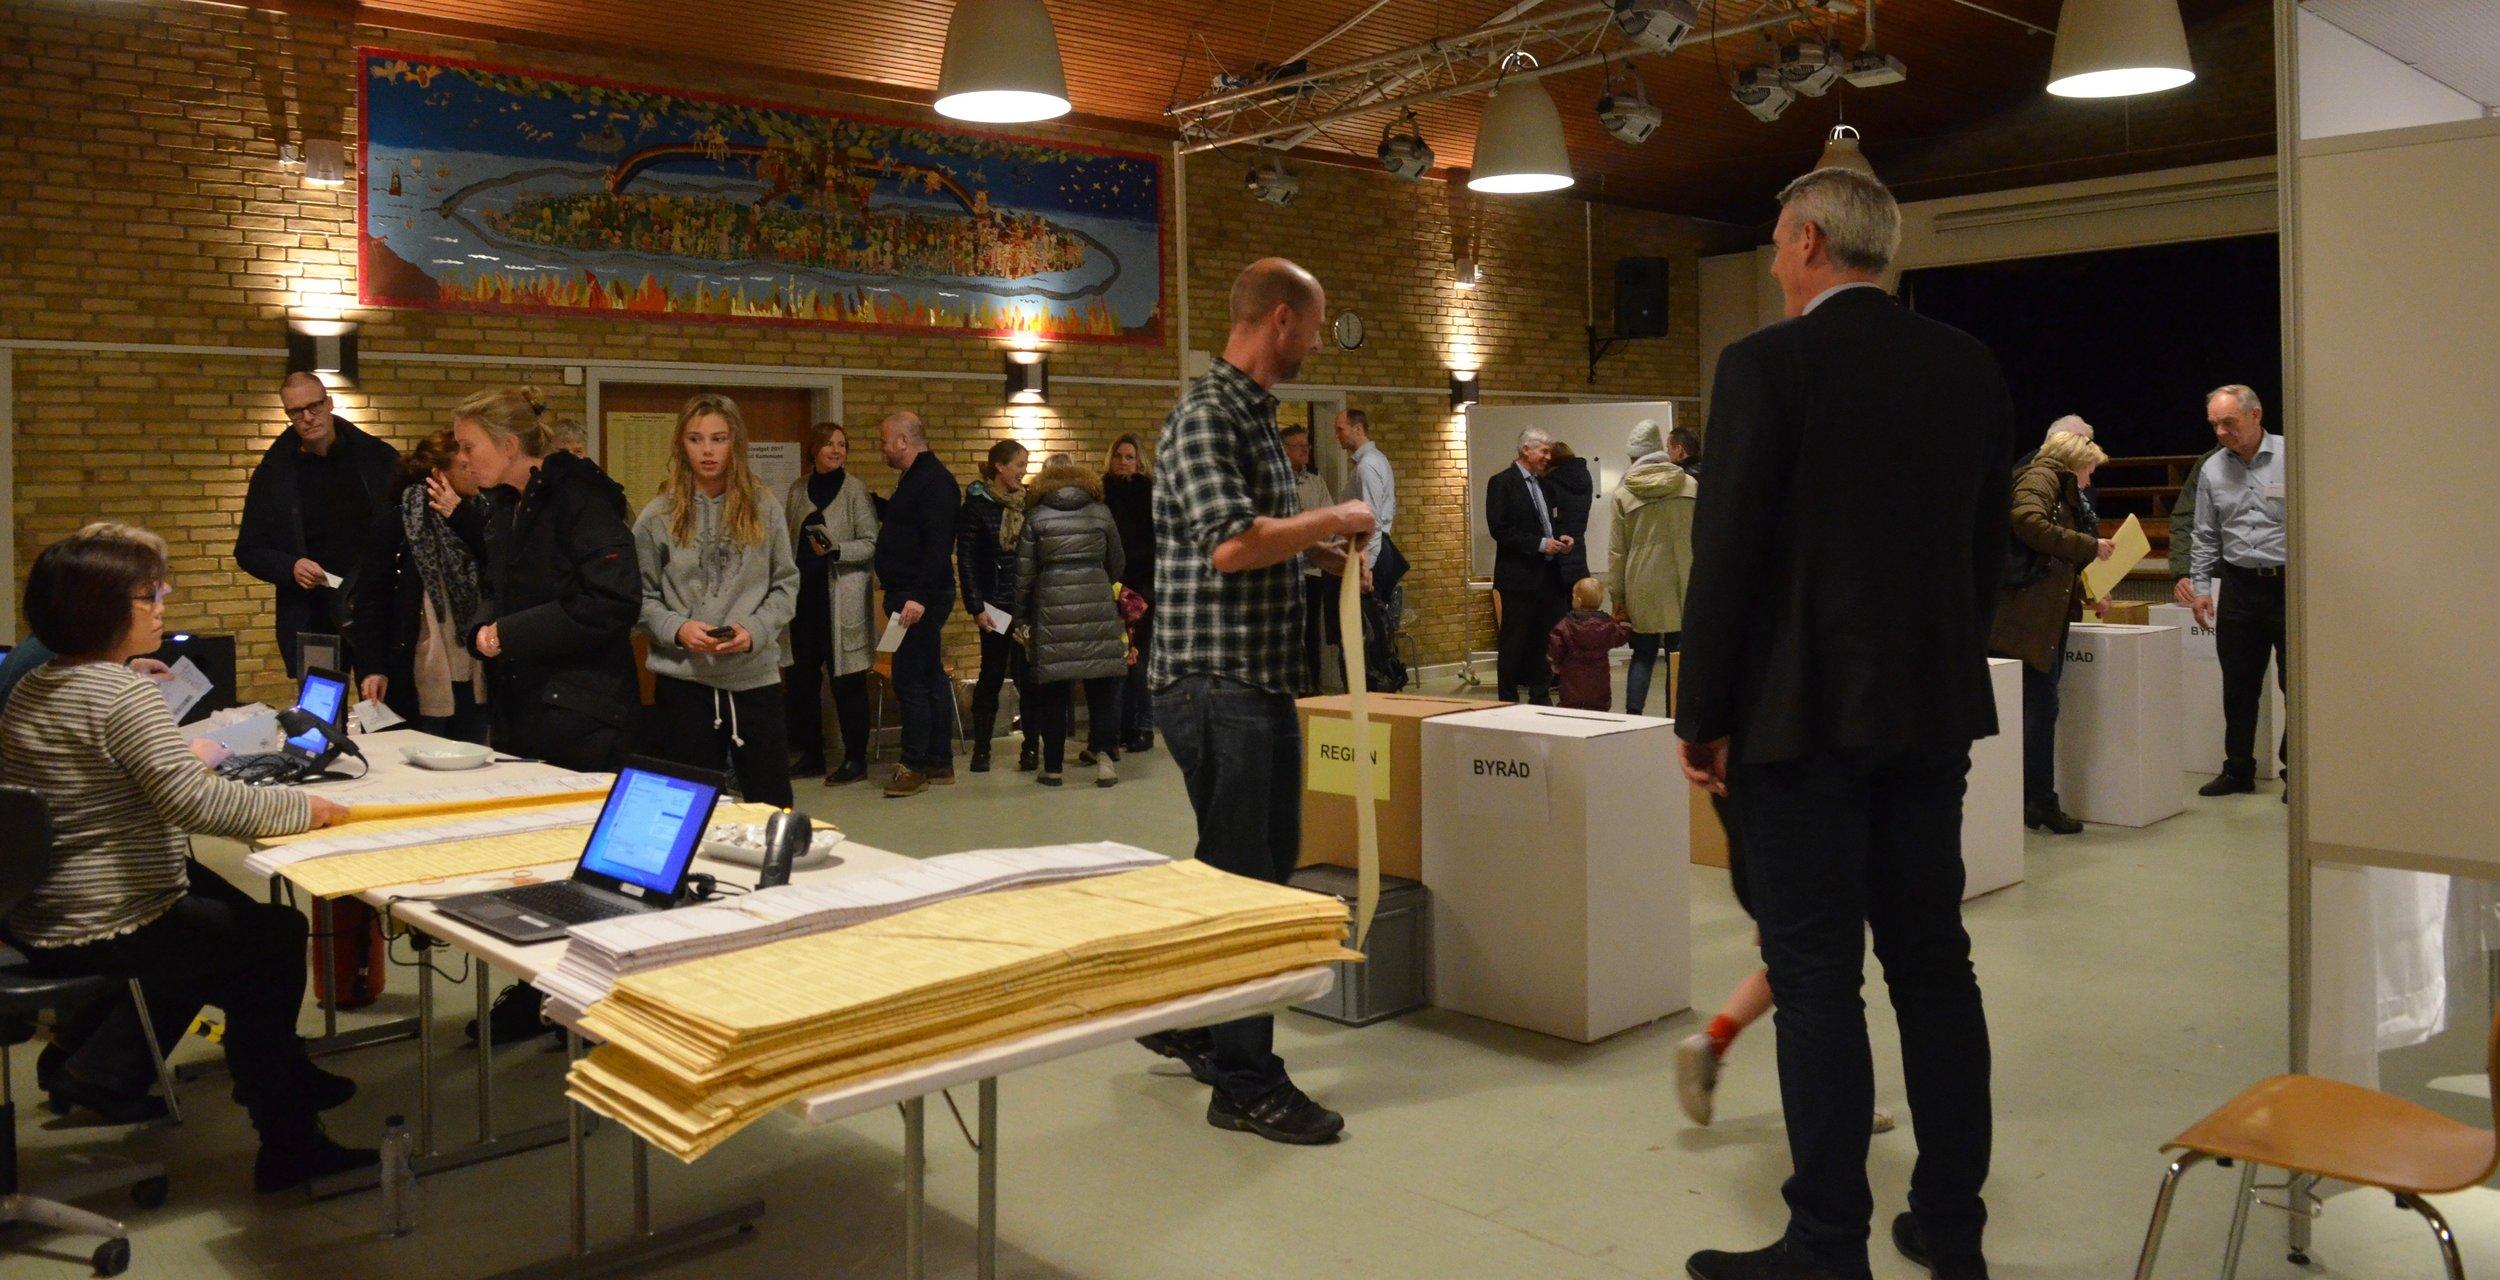 Der var en meget lang kø - ca. 60 personer - af borgere, som omkring kl. 17:30 ville stemme på Blovstrød Skole. Foto: AOB